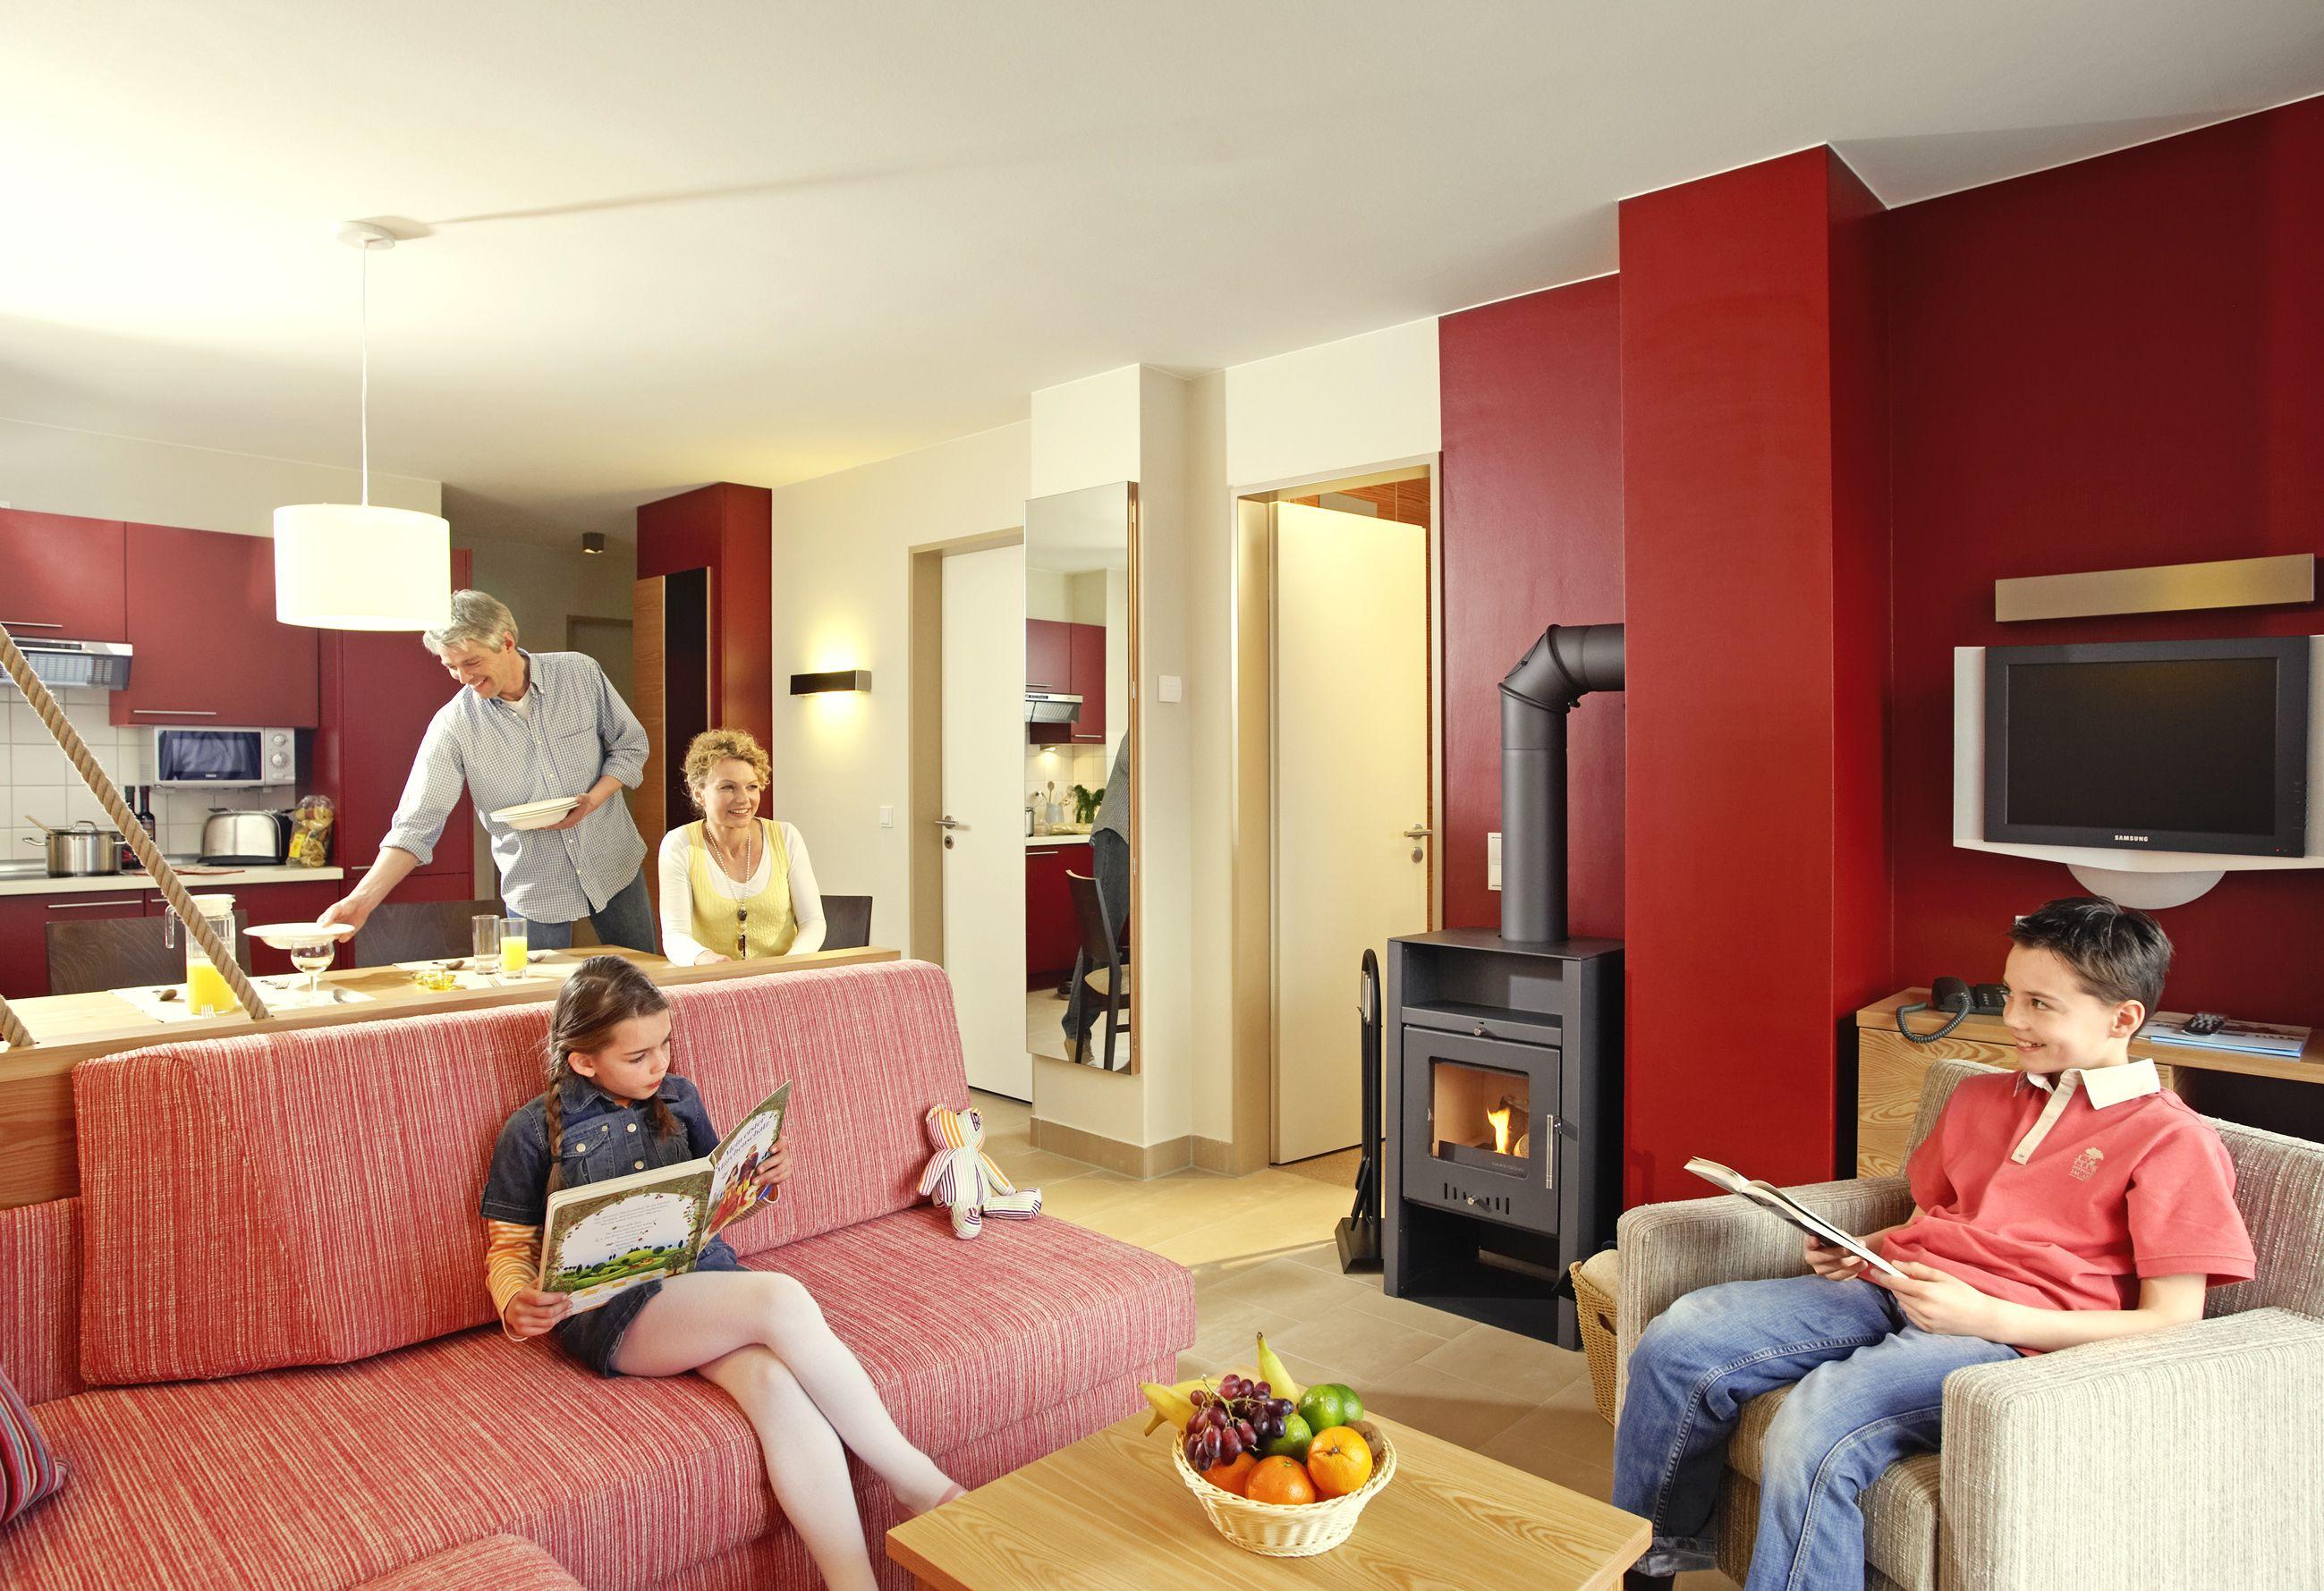 Die Appartements Lassen Keine Wünsche Offen Und Sind Neben Küchenzeile, Wohn  /Esszimmer,